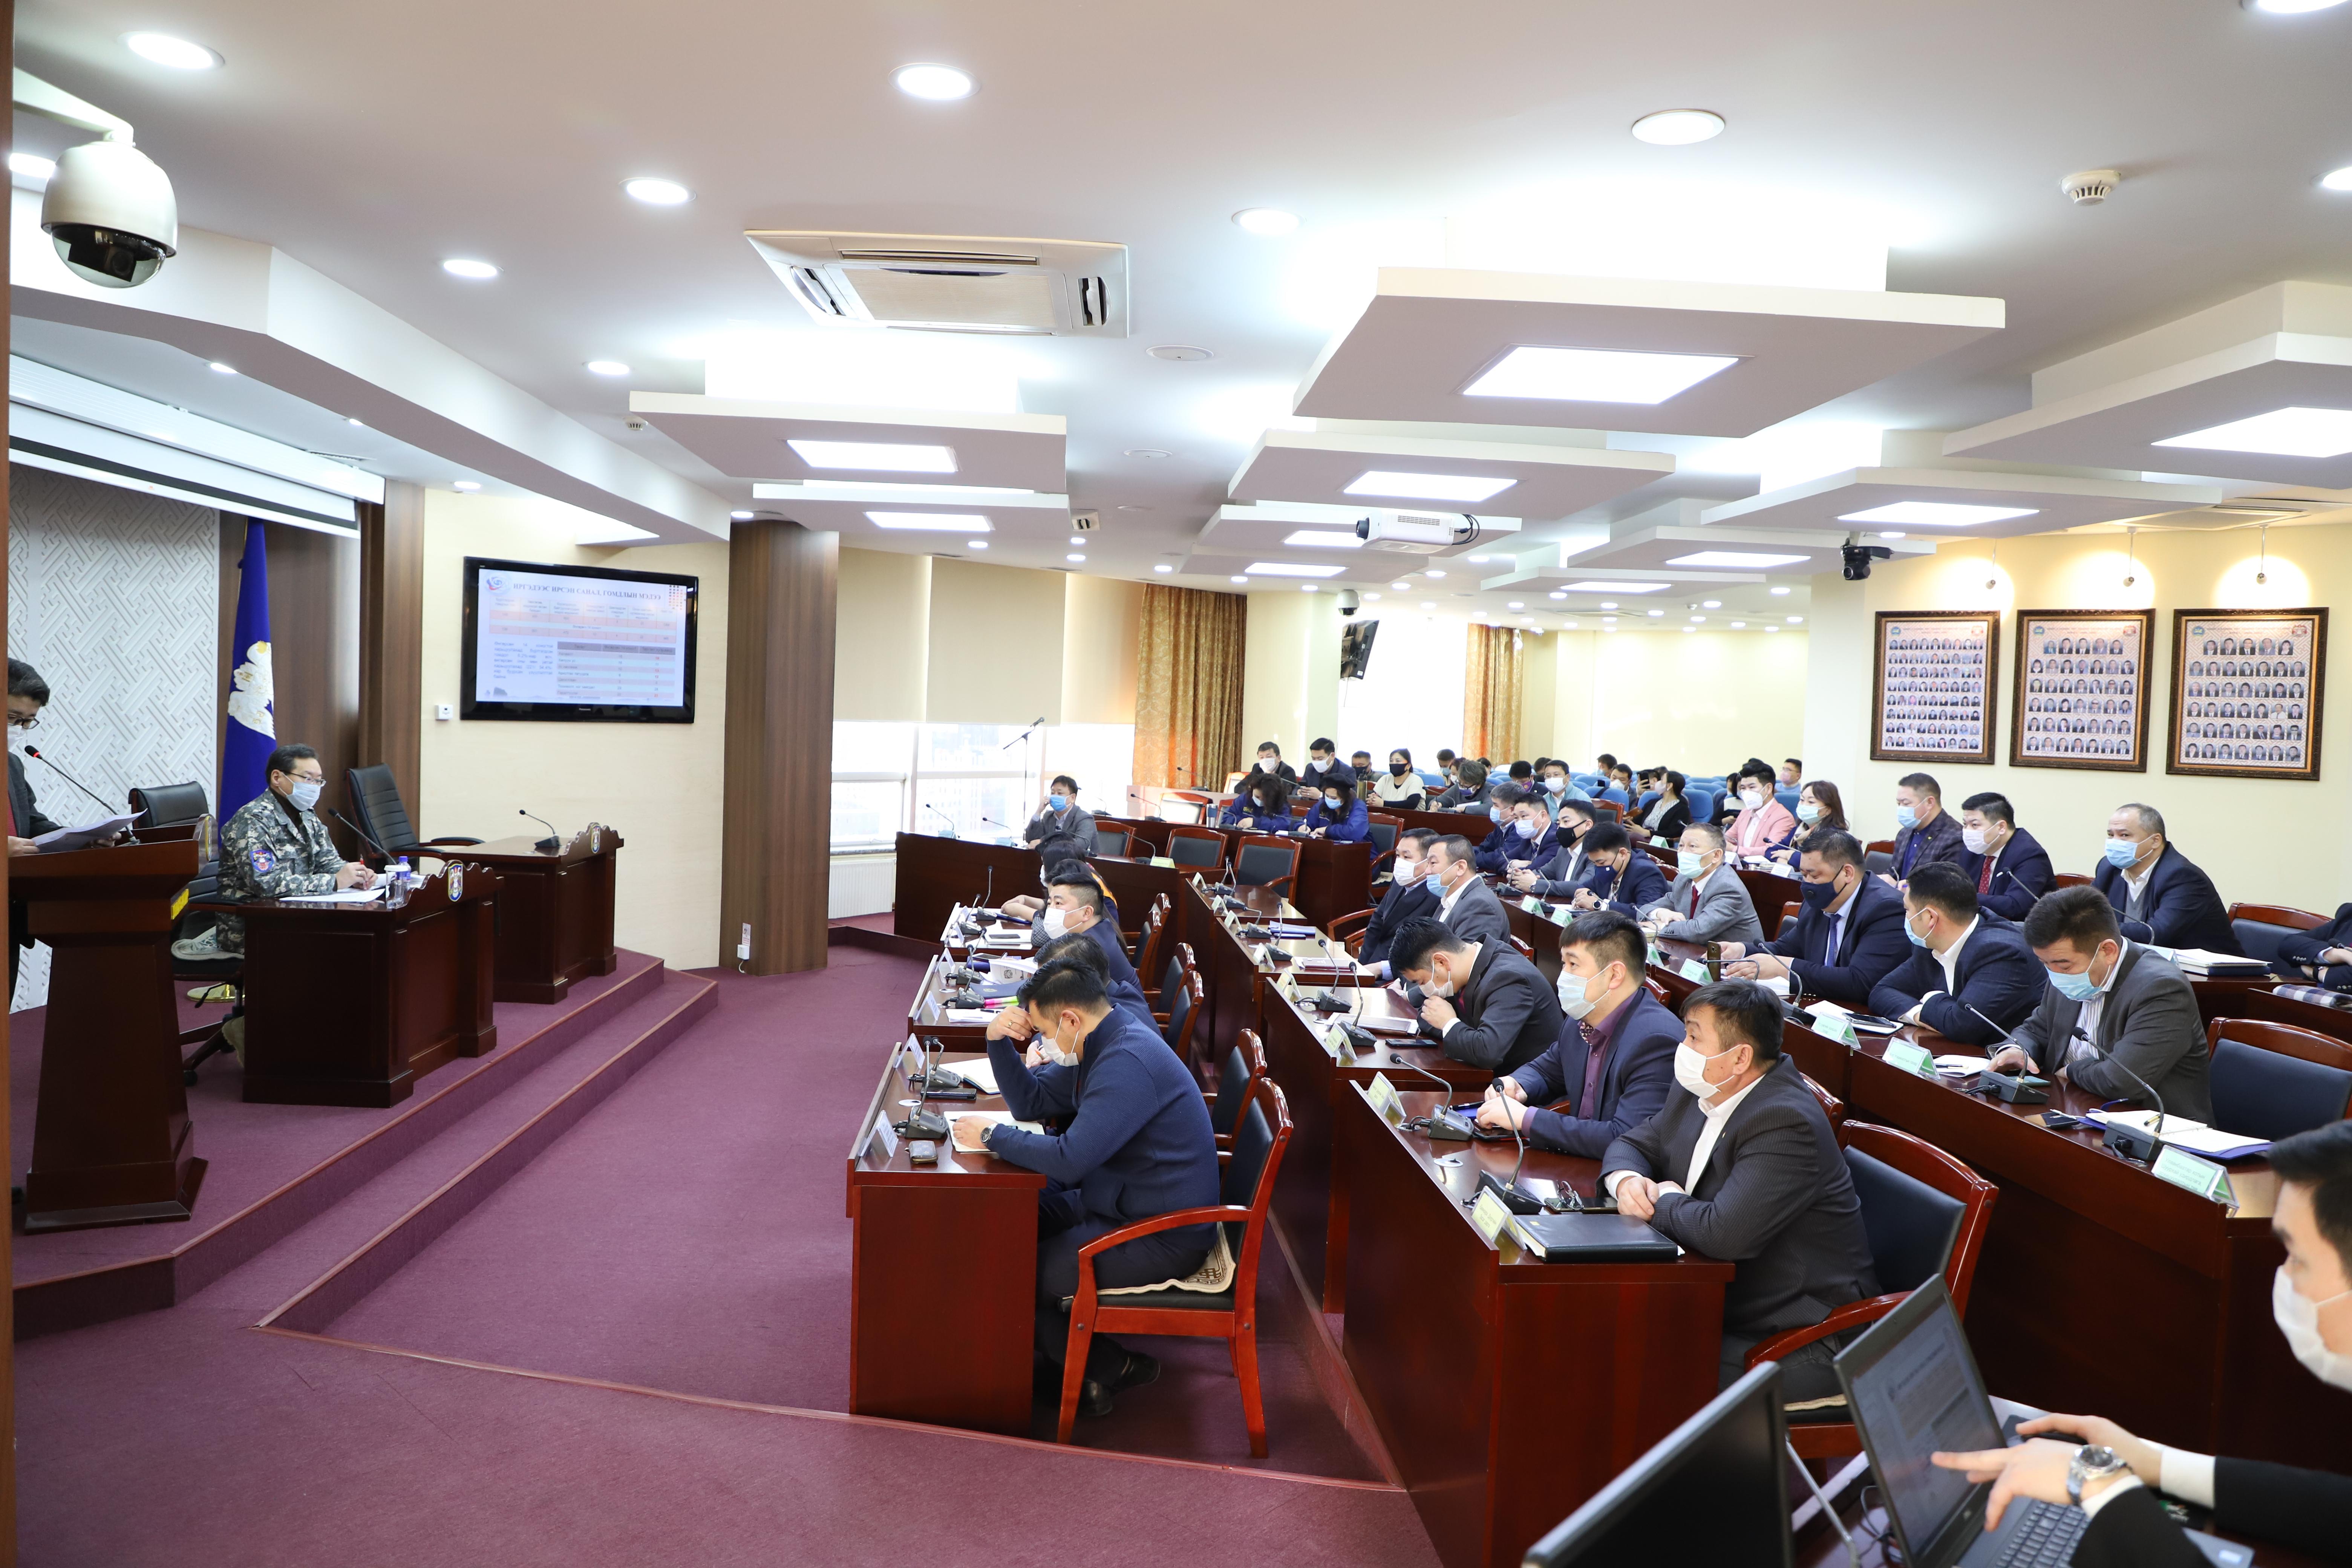 Улаанбаатар хотын Ерөнхий менежерийн 2020 оны 02 дүгээр сарын 28-ны өдрийн шуурхай зөвөлгөөнөөр өгч буй үүрэг даалгавар